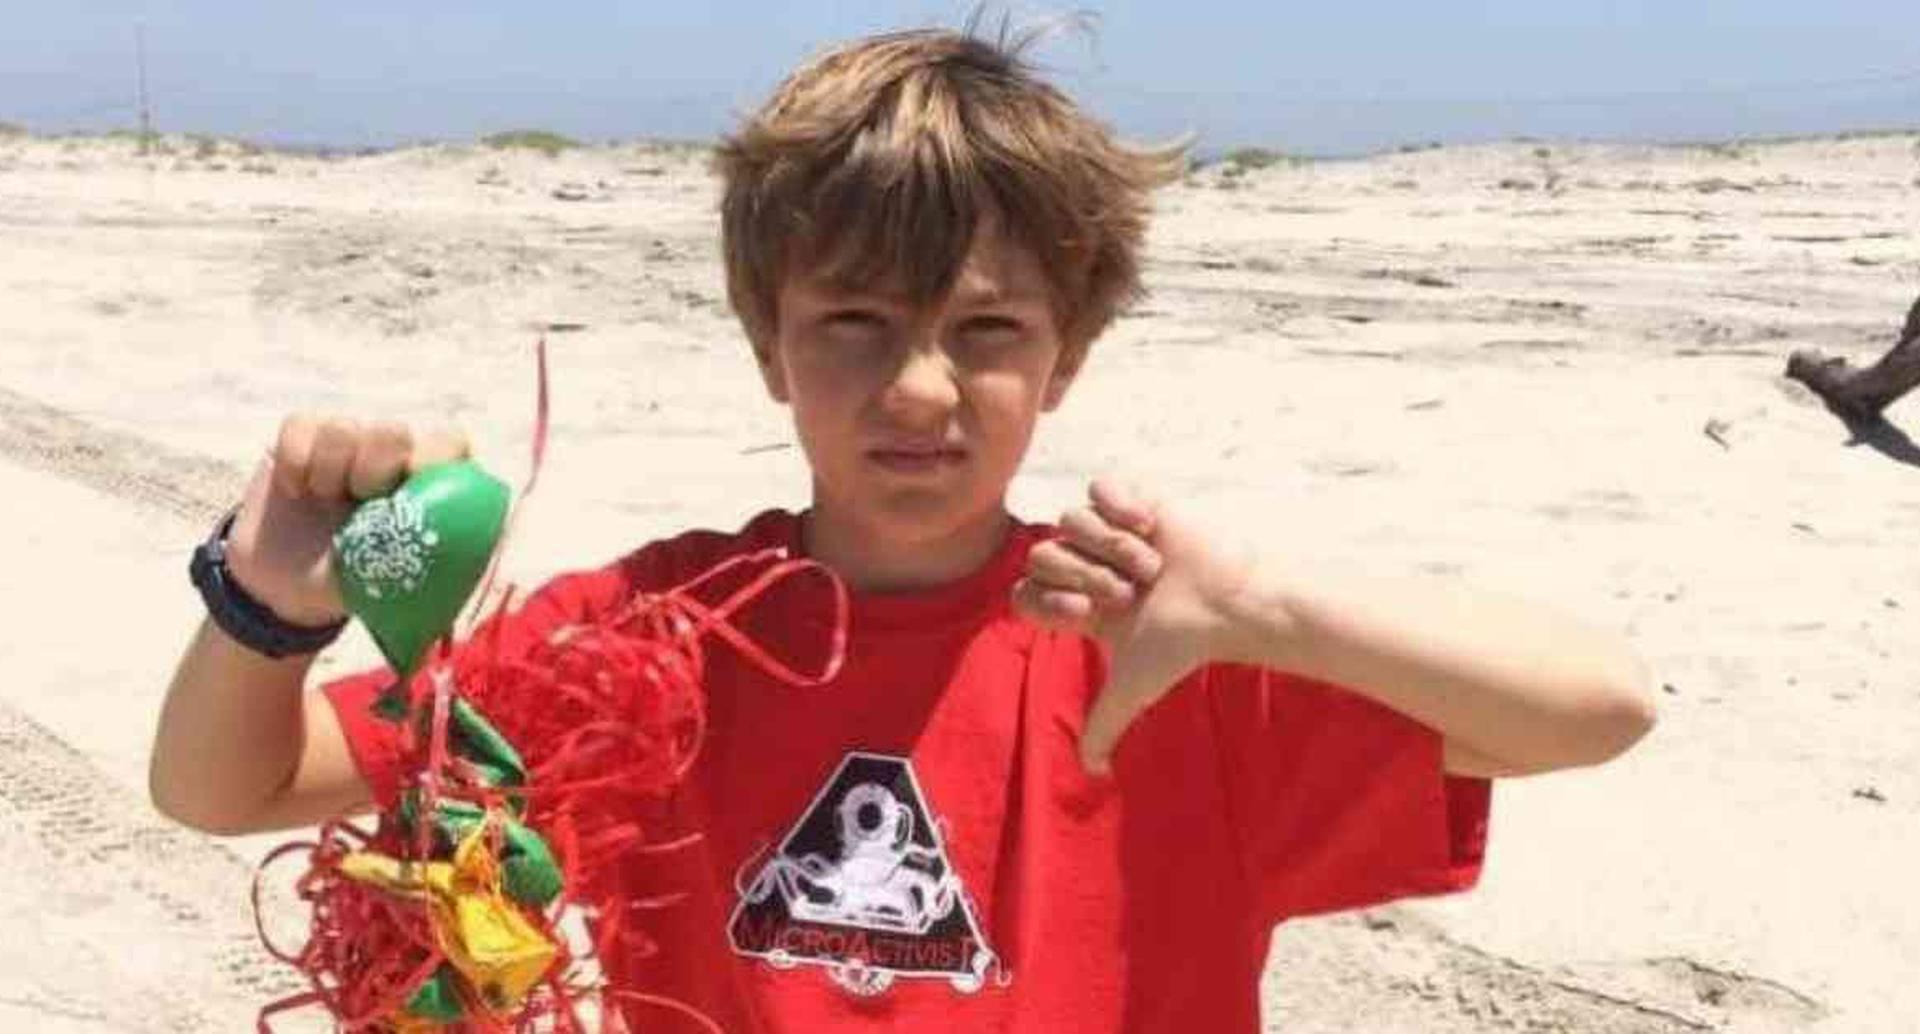 Connor Berryhill, el niño de 11 años que limpia las playas y los océanos. Foto: Fundación MircroActivist